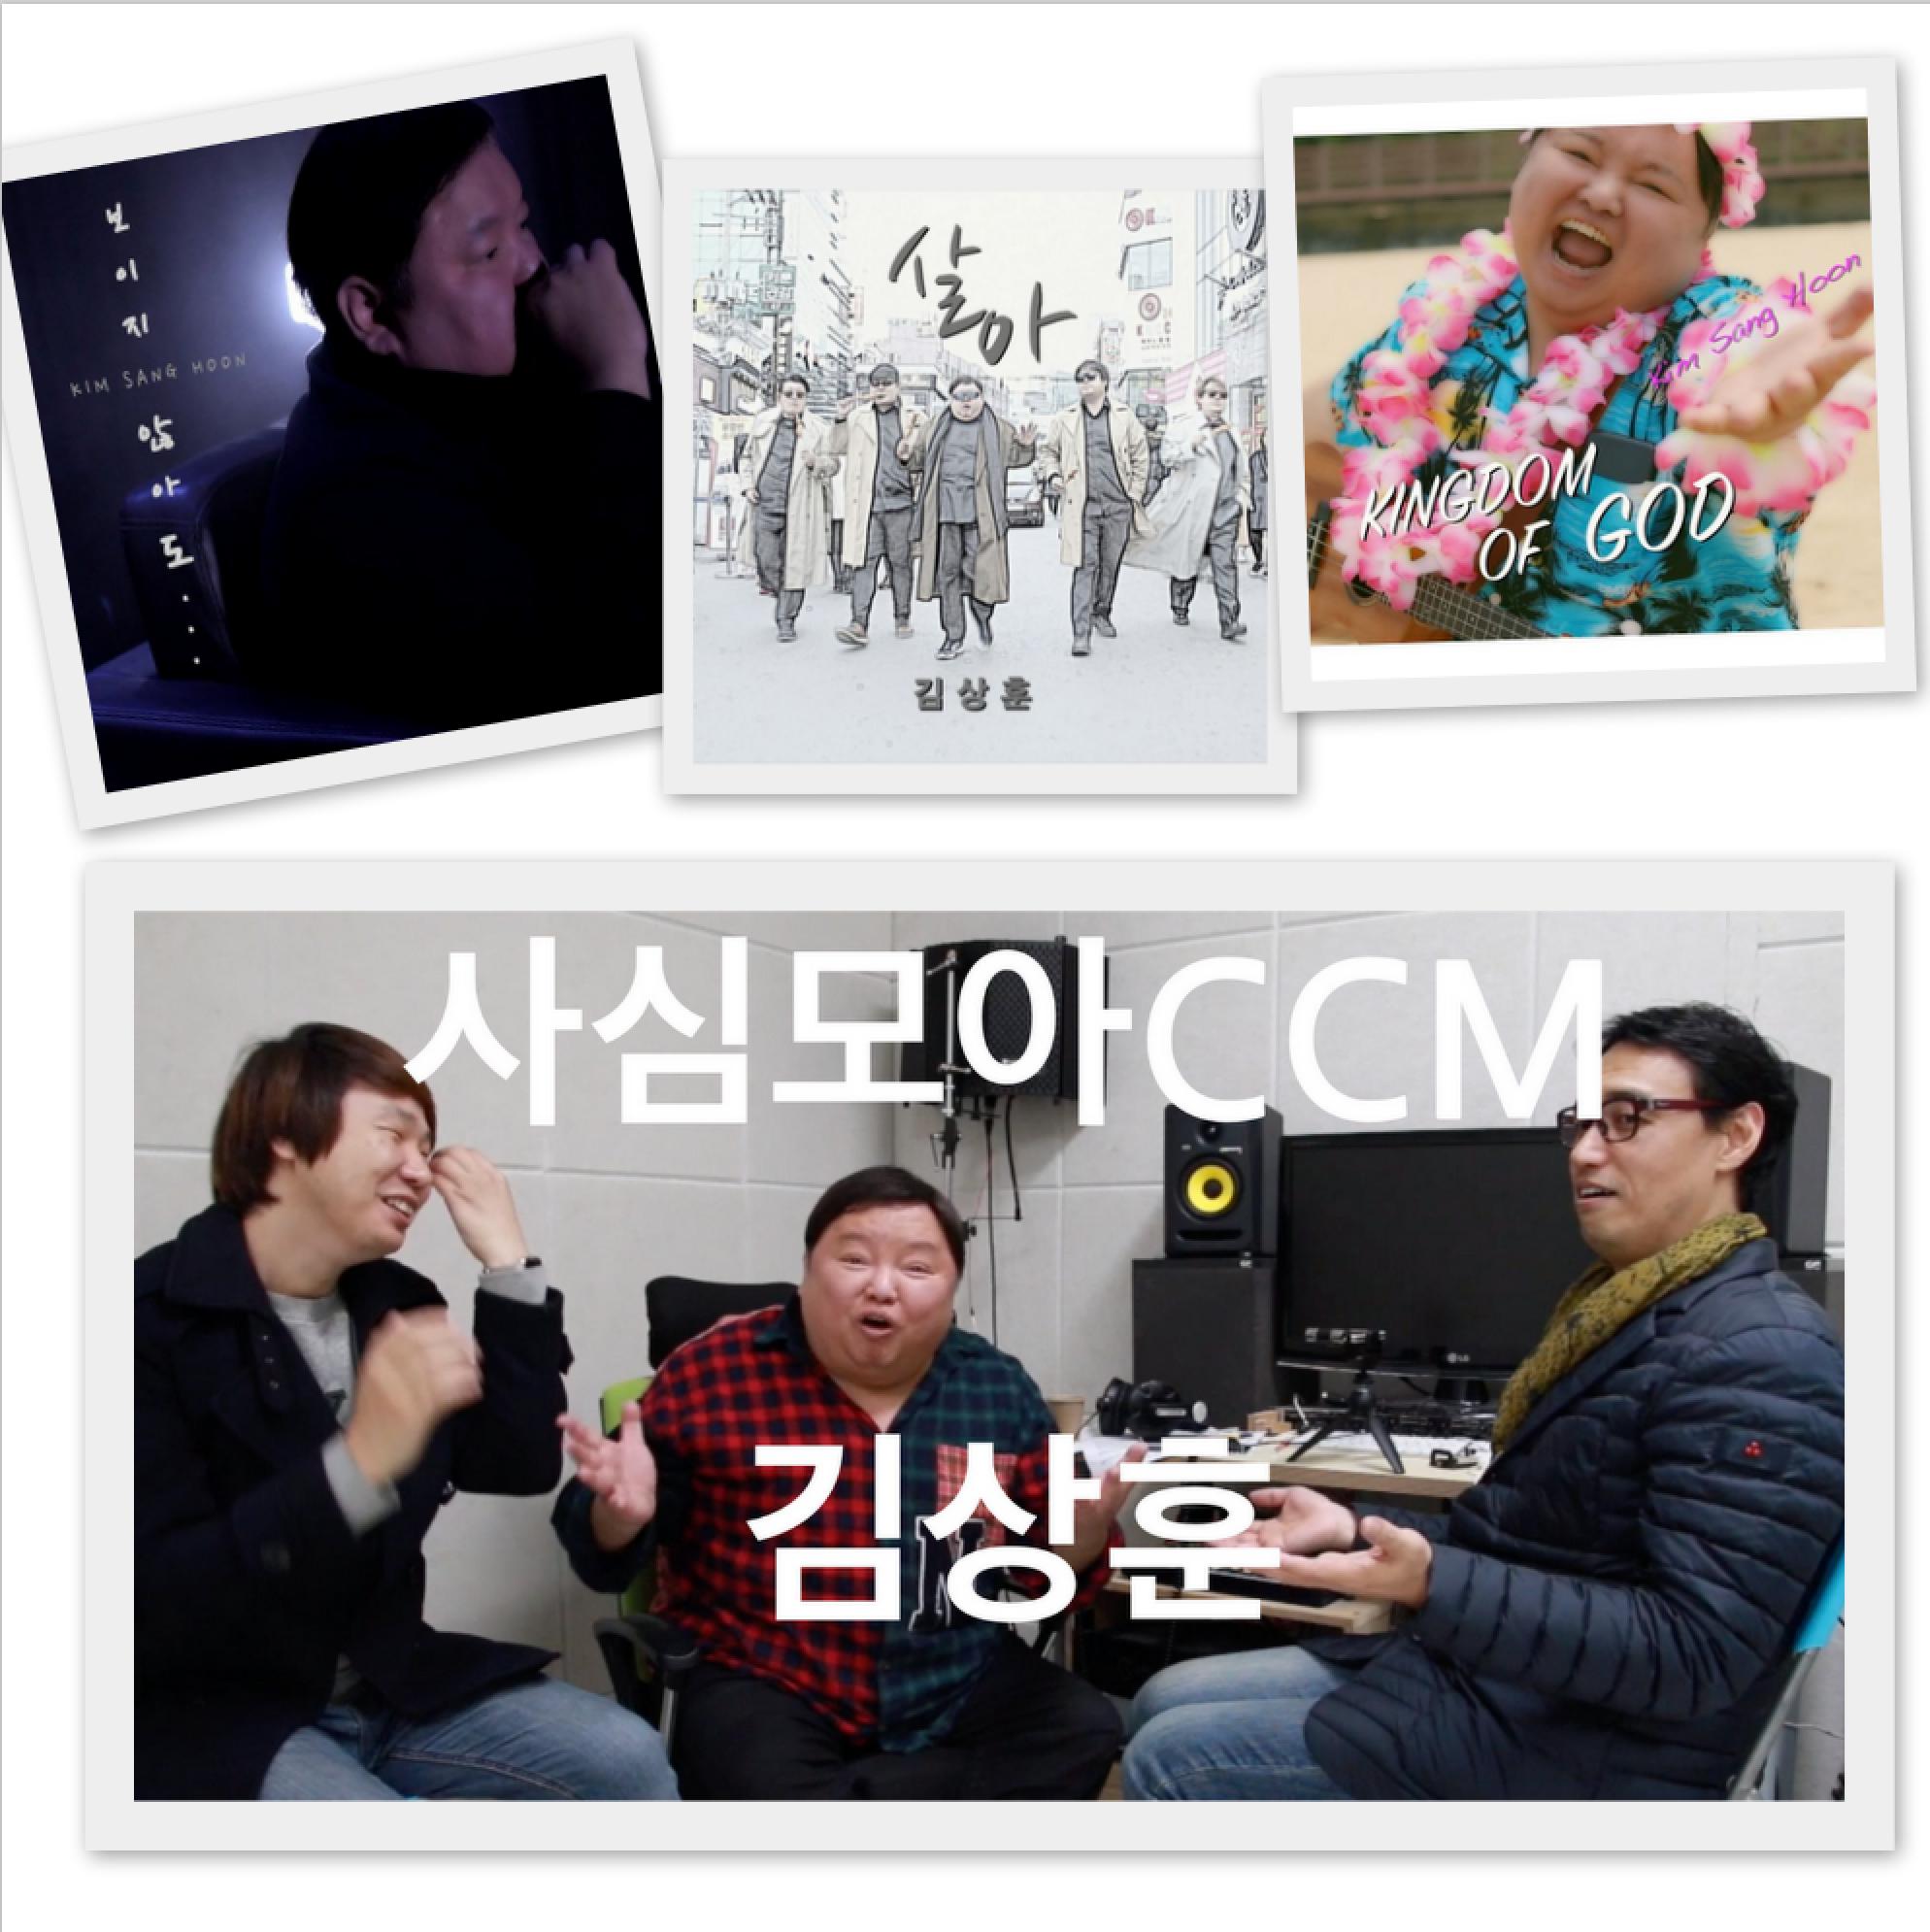 보이지 않아도  : 뮤직비디오와 음원을 발표한 김상훈